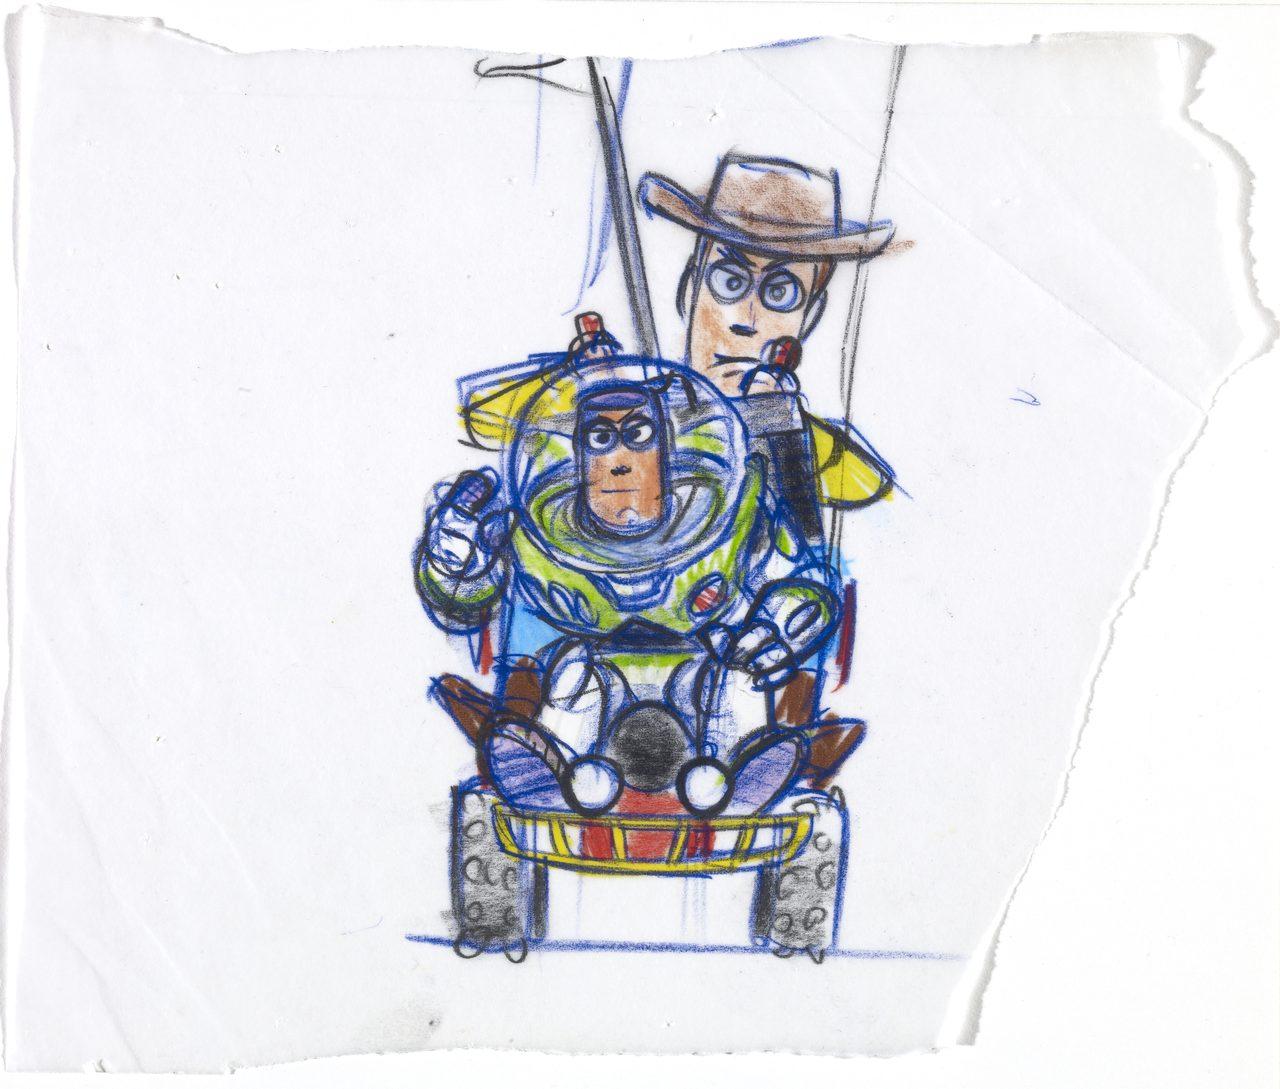 画像: ボブ・ポーリー 《ウッディとバズ》『トイ・ストーリー』(1995年)/複製(マーカー、鉛筆/紙)